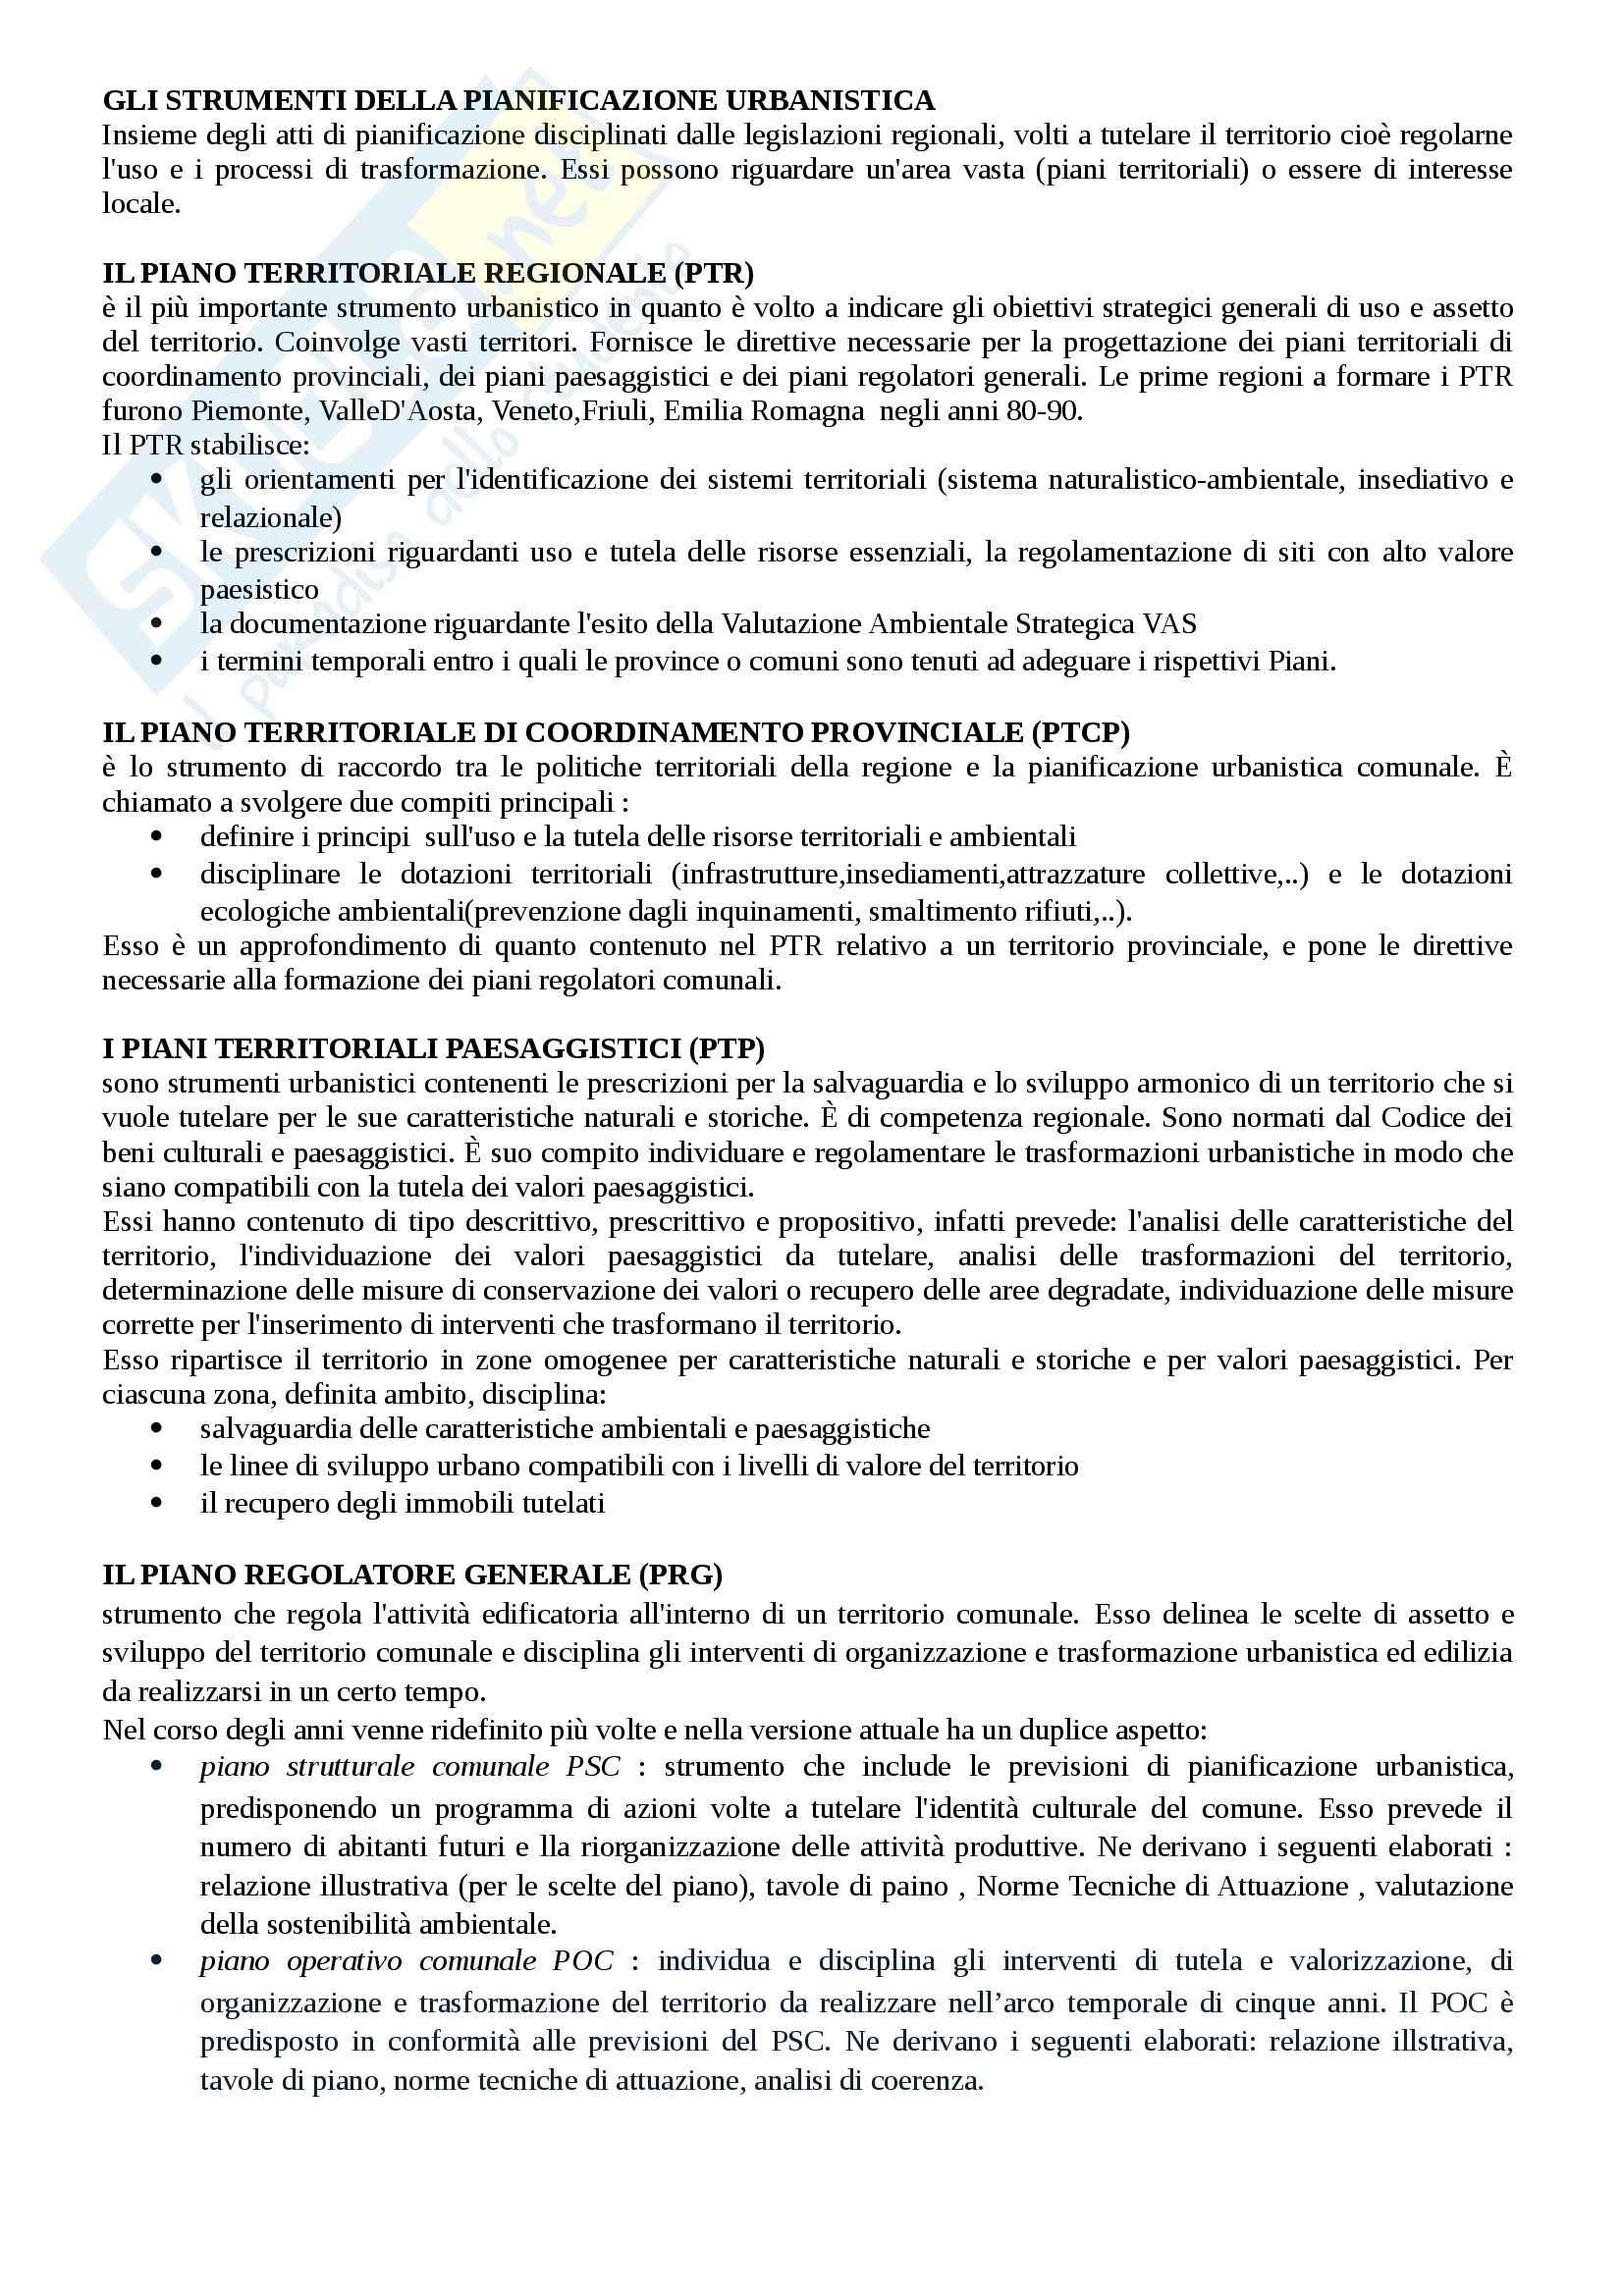 appunto G. Cotella Urbanistica